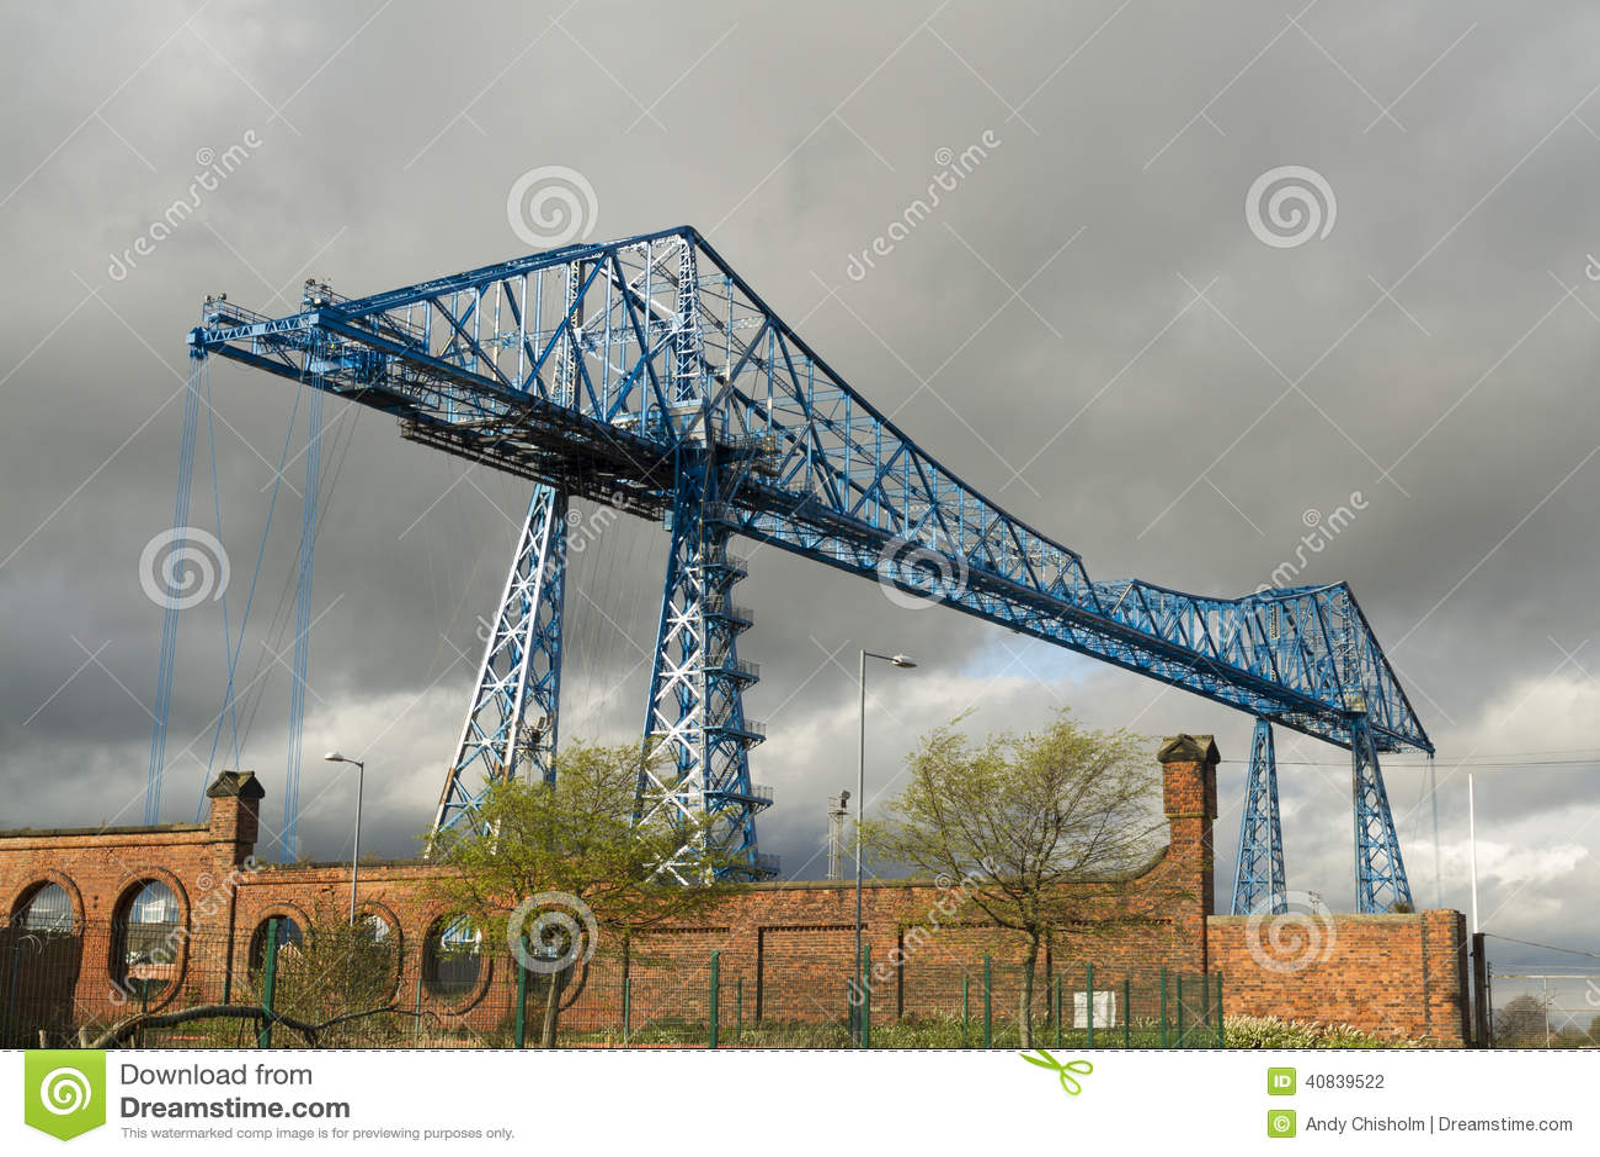 Μεγάλες μπλε δοκοί, γέφυρα μεταφορέων γραμμάτων Τ, Middlesbrough, Αγγλία